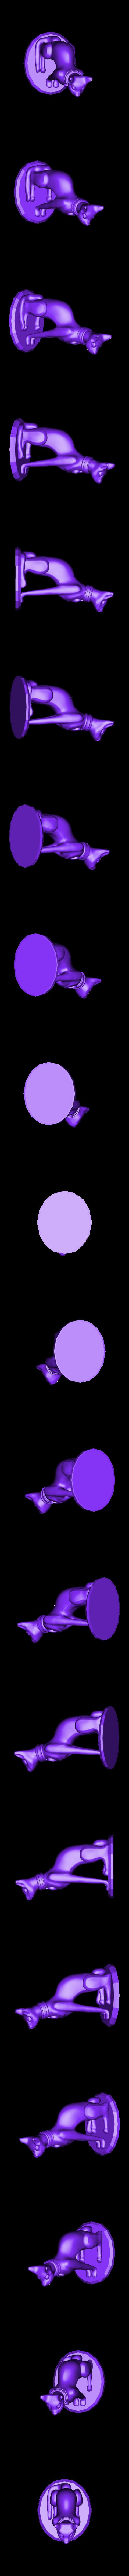 9e897025 35e0 48bd b221 6e8cf9fe4dca